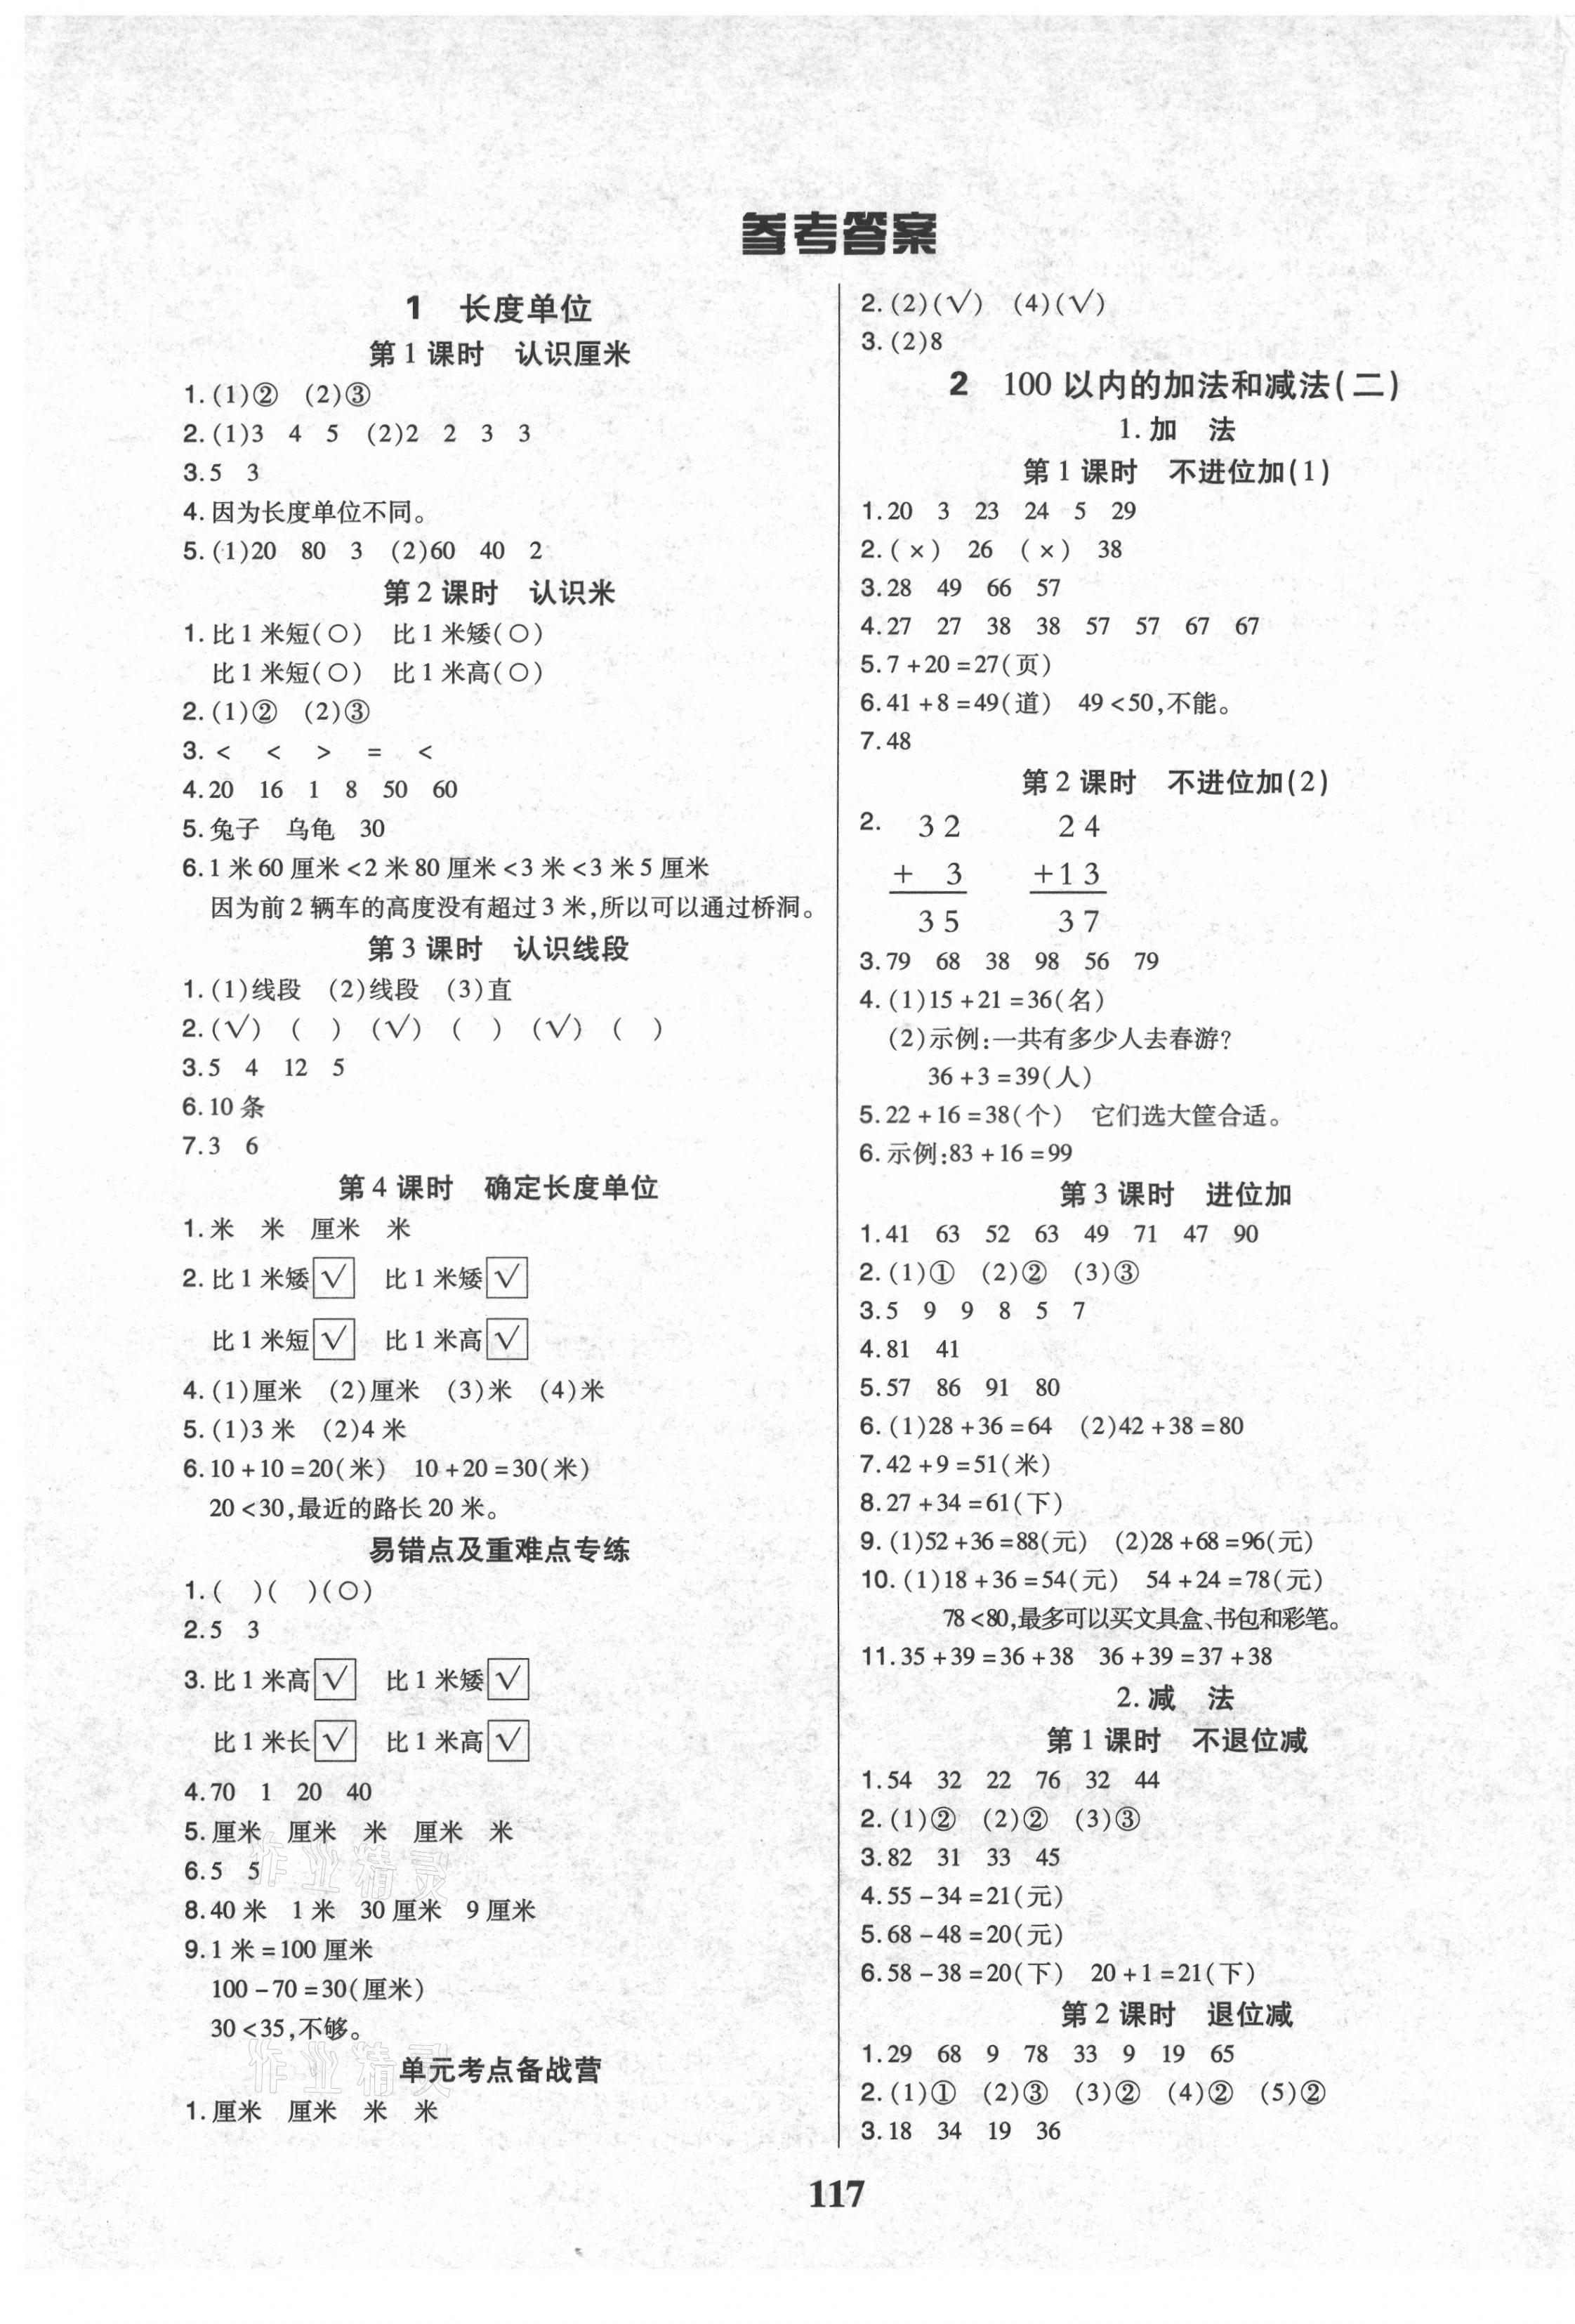 2021年培优三好生课时作业二年级数学上册人教版A版福建专版参考答案第1页